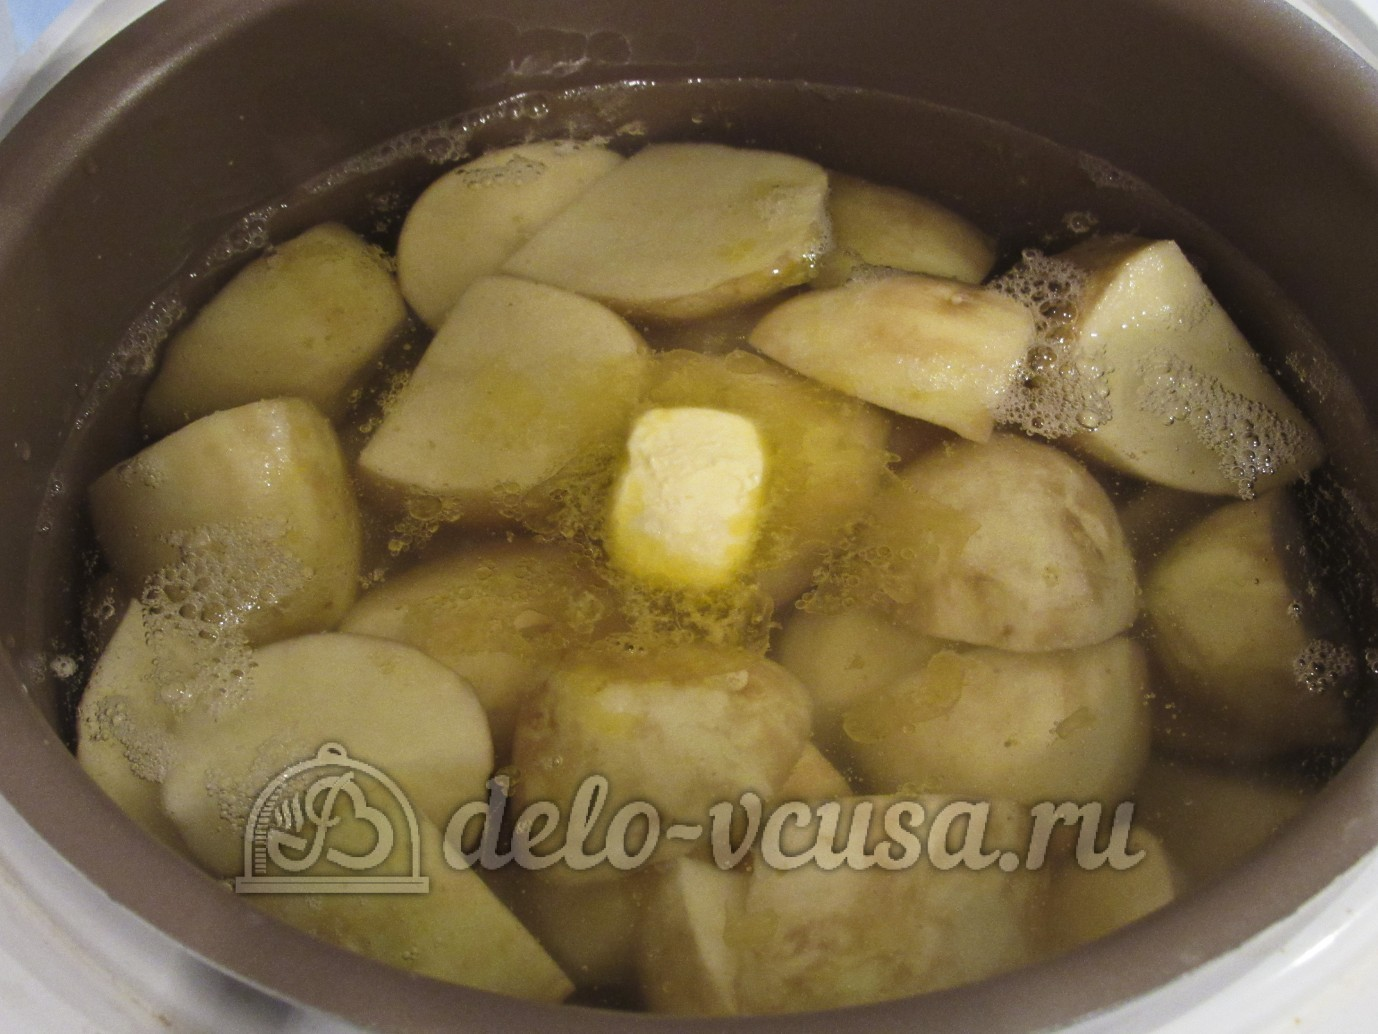 Картофель в мультиварке рецепты с фото с тушенкой